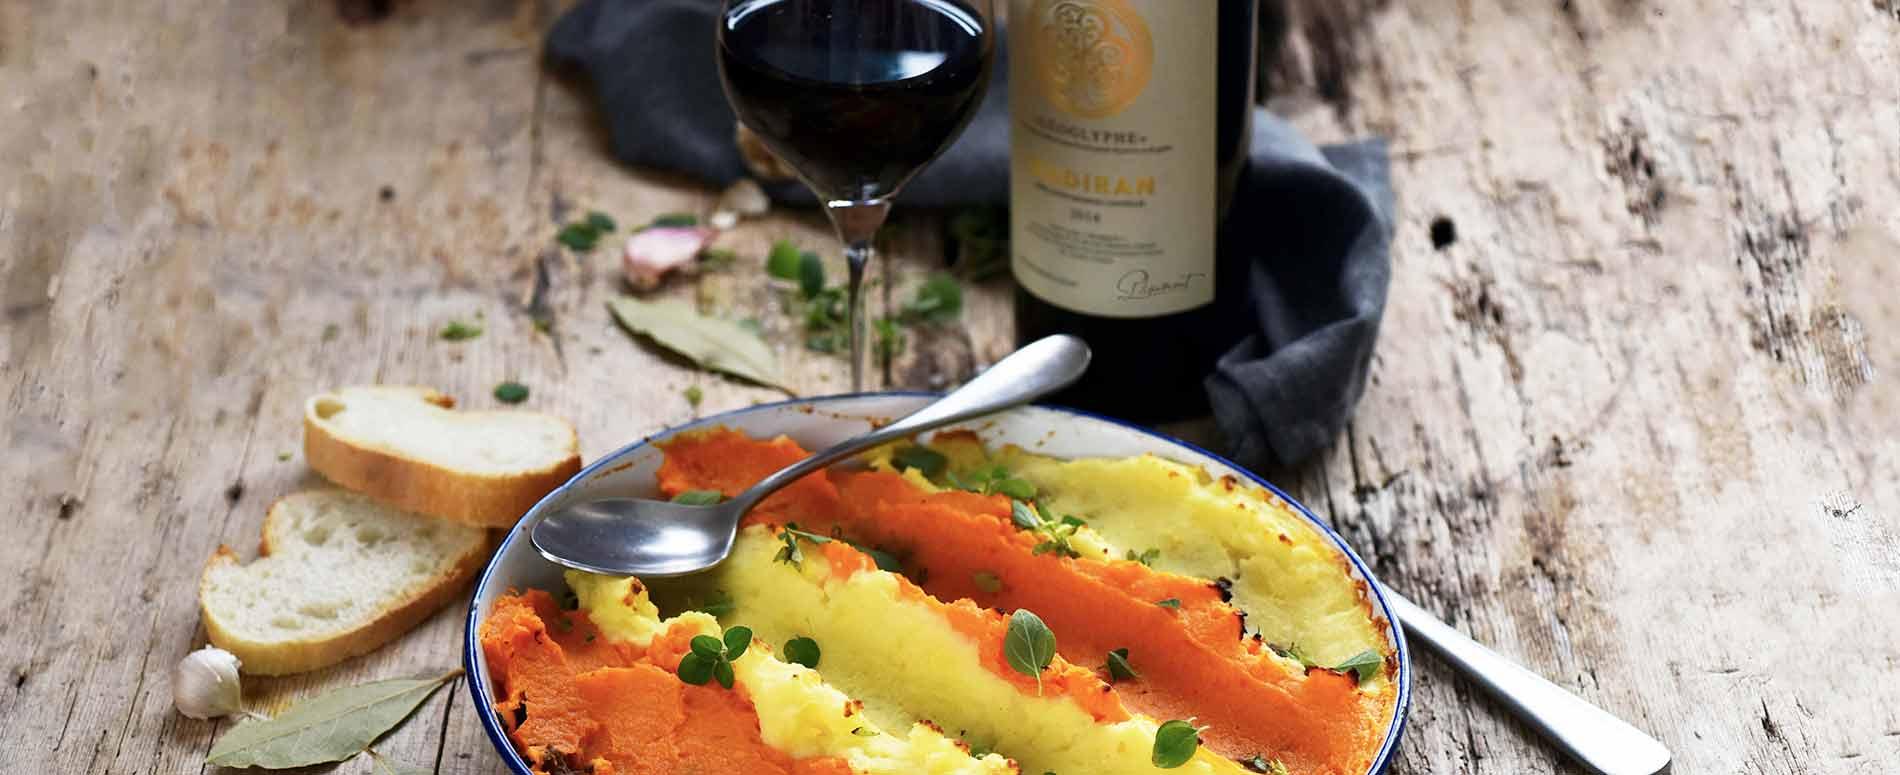 Recette Hachis parmentier patate douce et pomme de terre